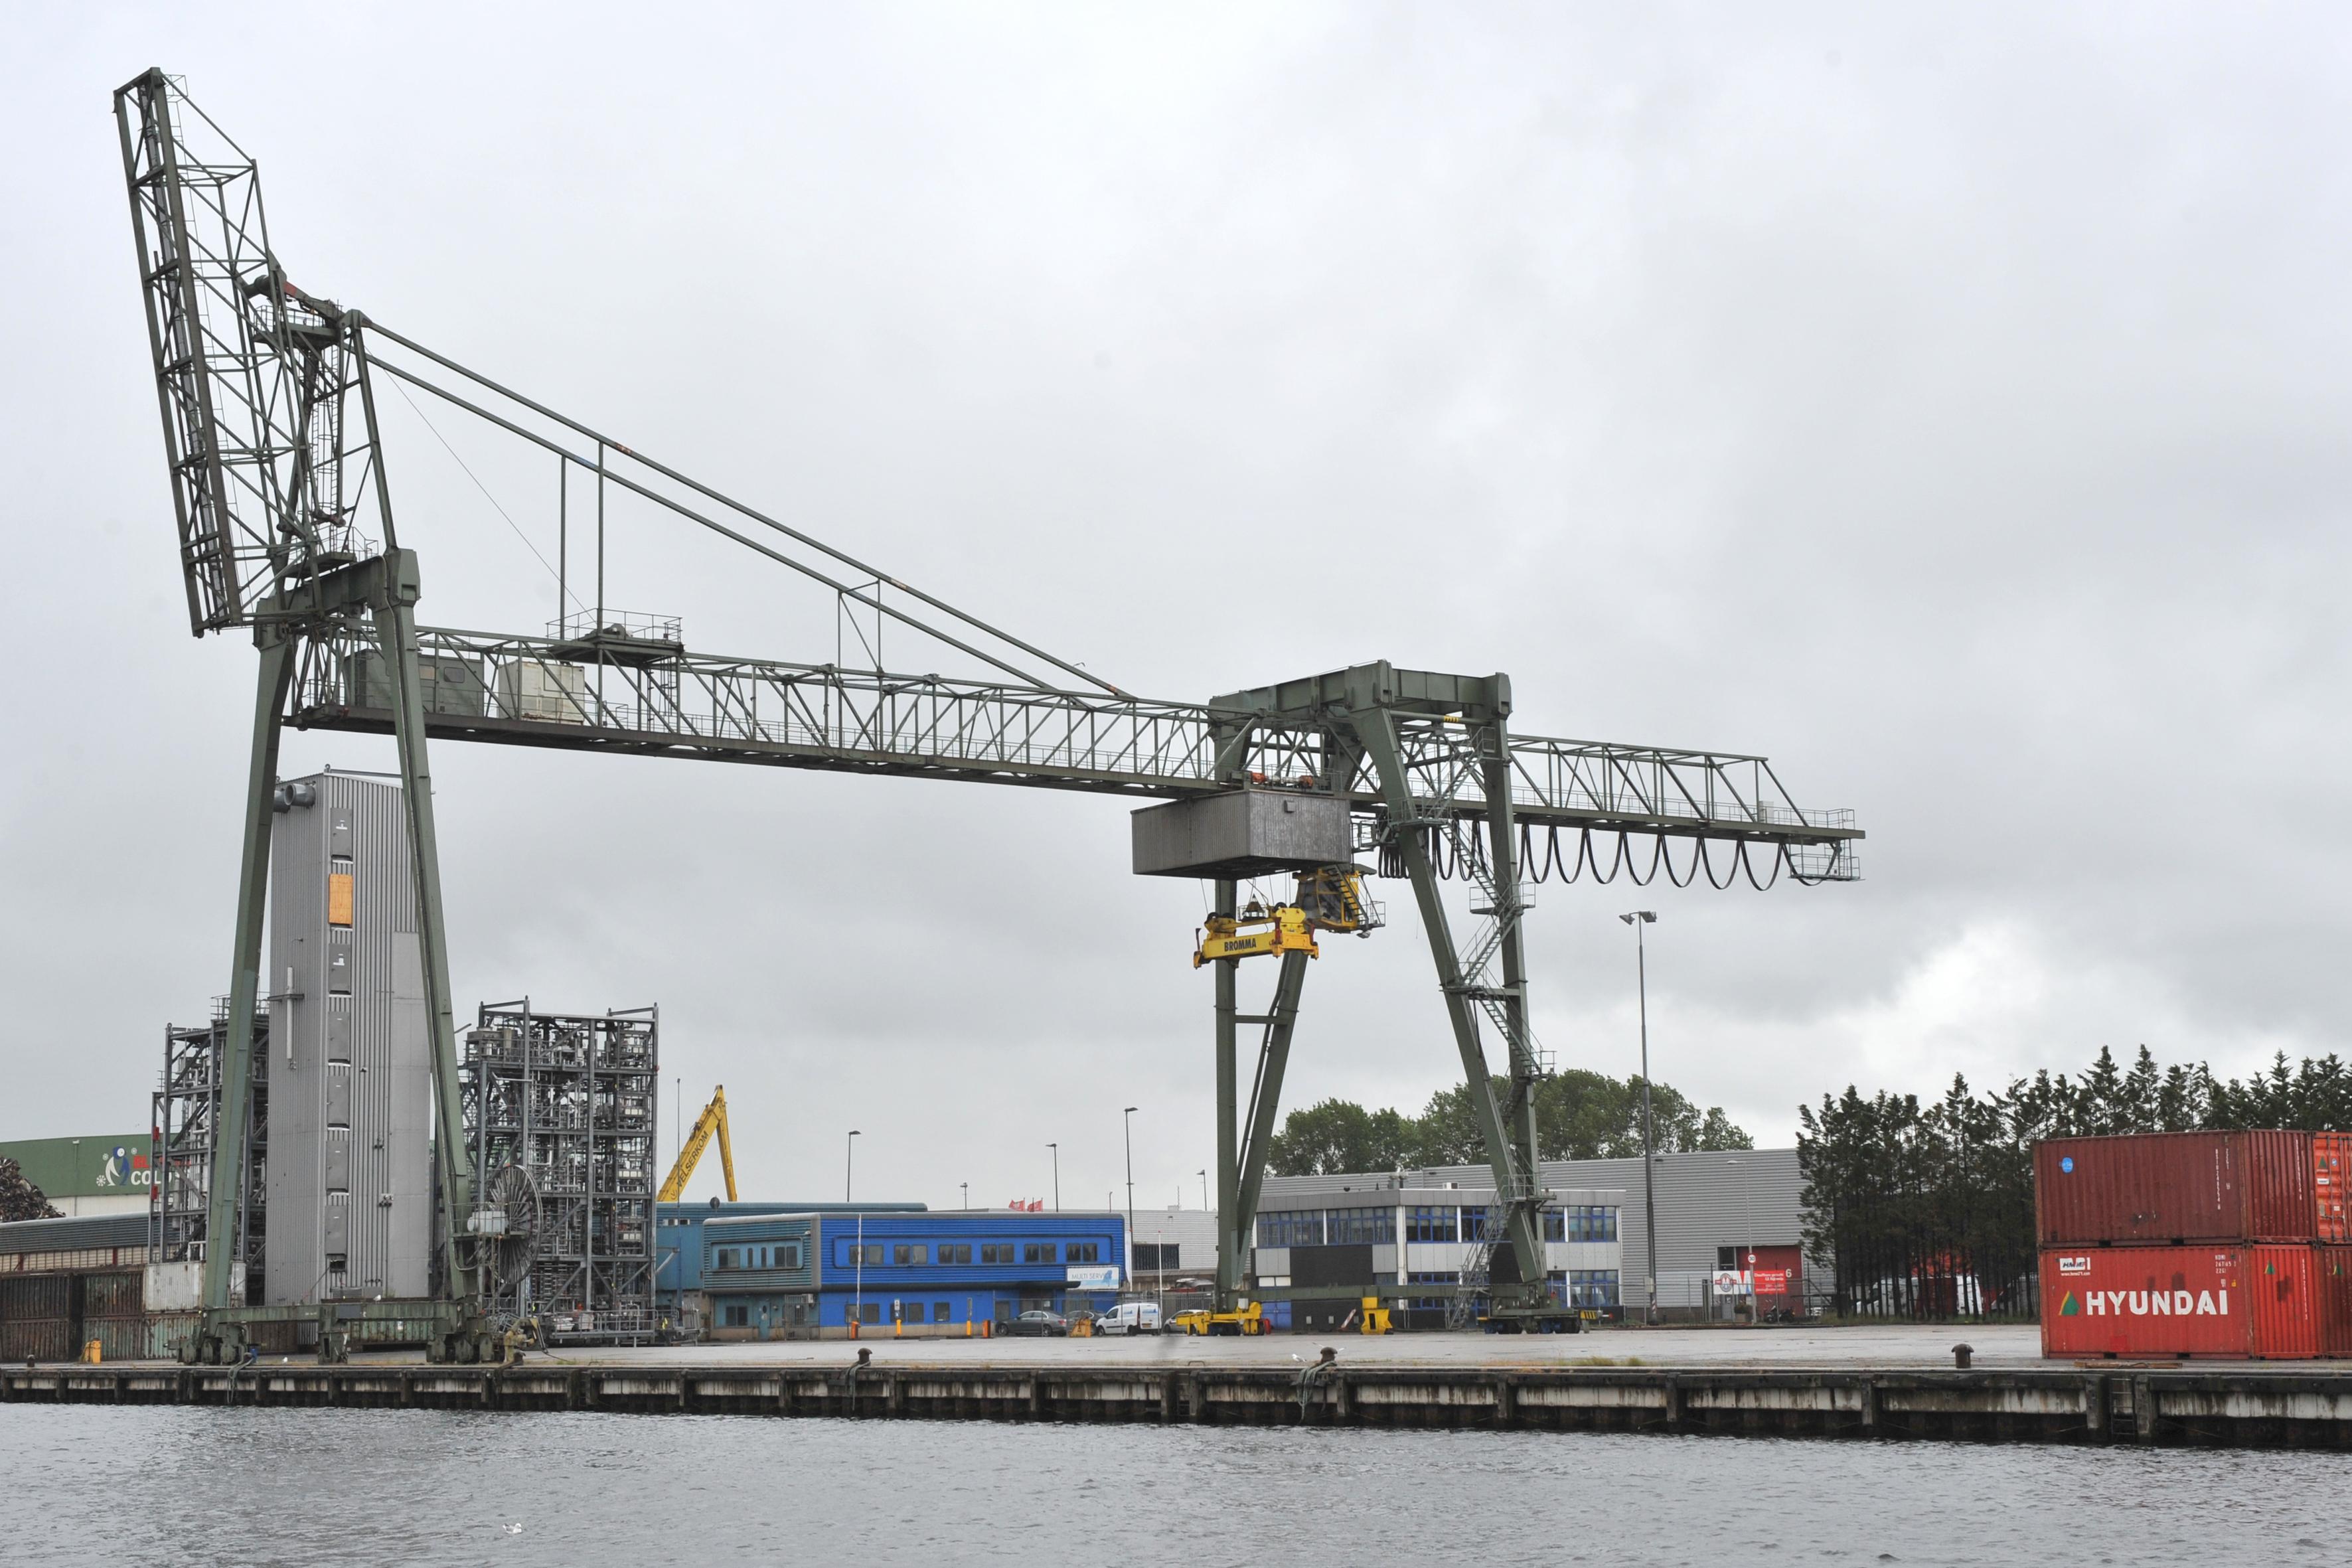 De containerterminal in de Beverwijkse haven gaat verder nu logistieke dienstverlener Schavemaker de grond heeft overgenomen. 'Er zijn volop kansen', stelt directeur Rico Schavemaker uit Beverwijk